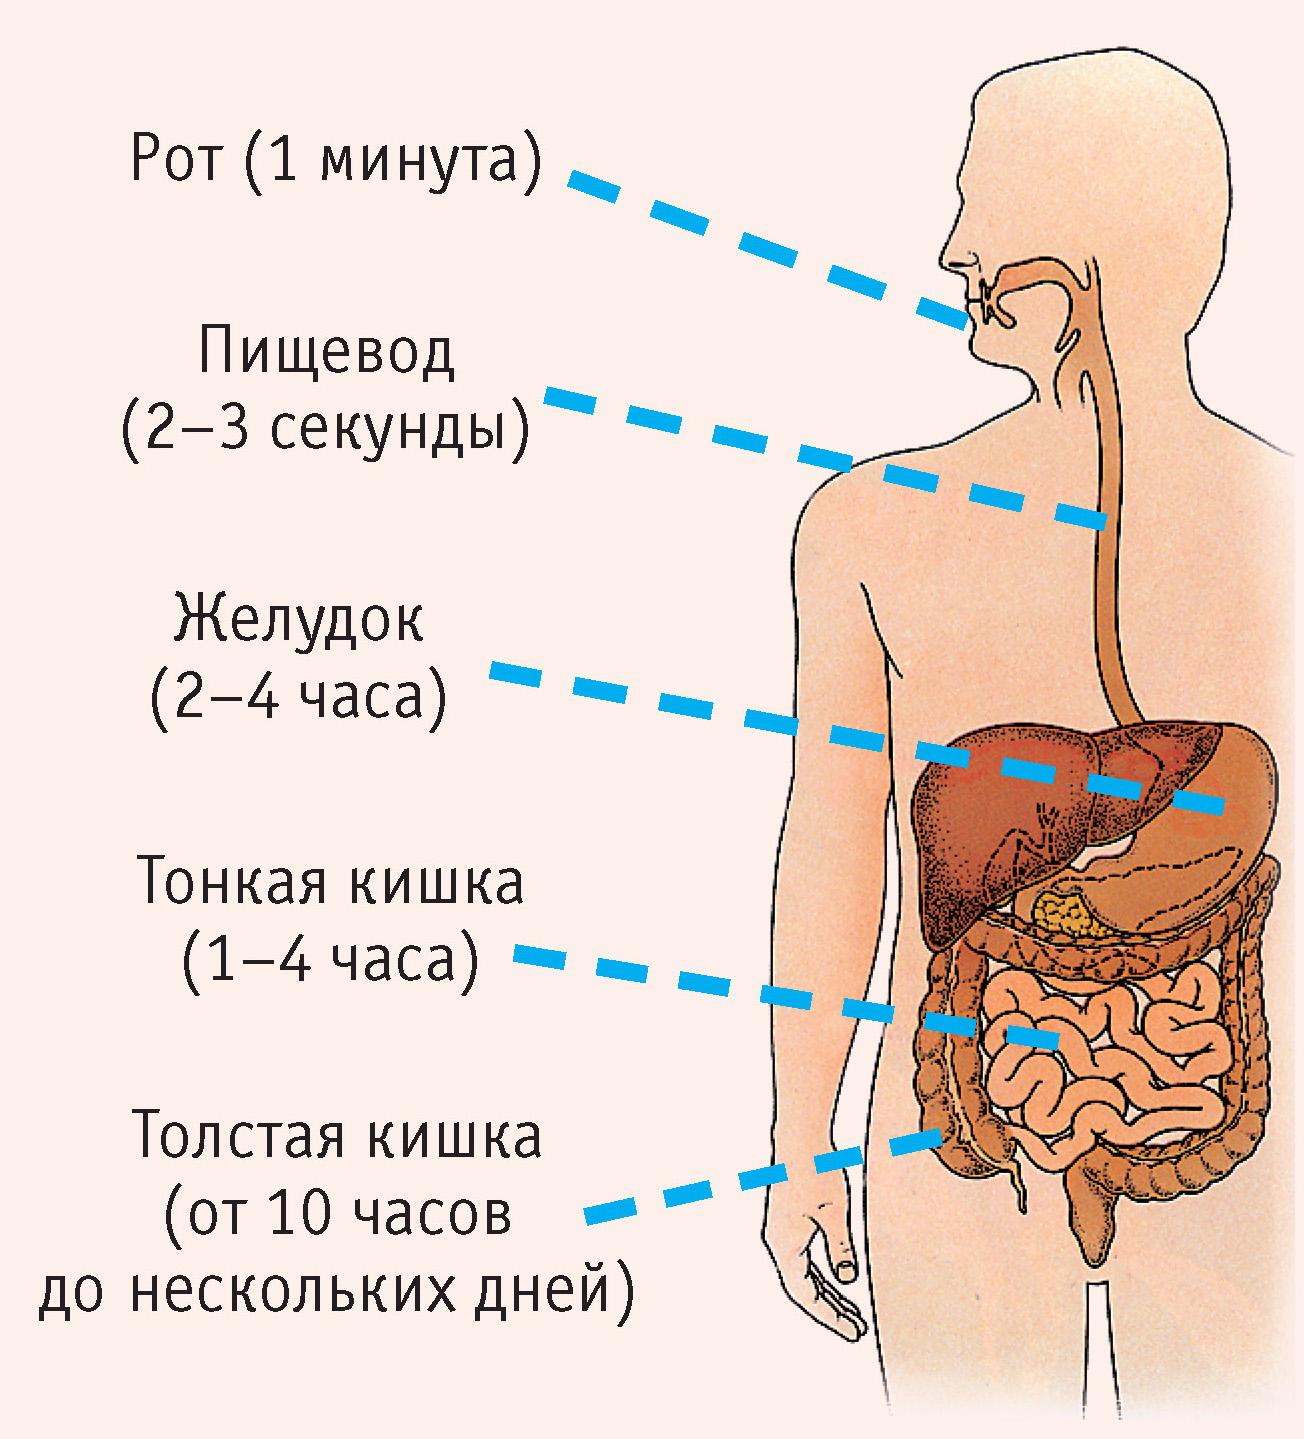 Рис. 1. Пищеварительный канал и продолжительность процесса отдельных стадий пищеварения:  рот (1 минута); пищевод (2–3 секунды); желудок (2–4 часа); тонкая кишка (1–4 часа); толстая кишка (от 10 часов до нескольких дней)